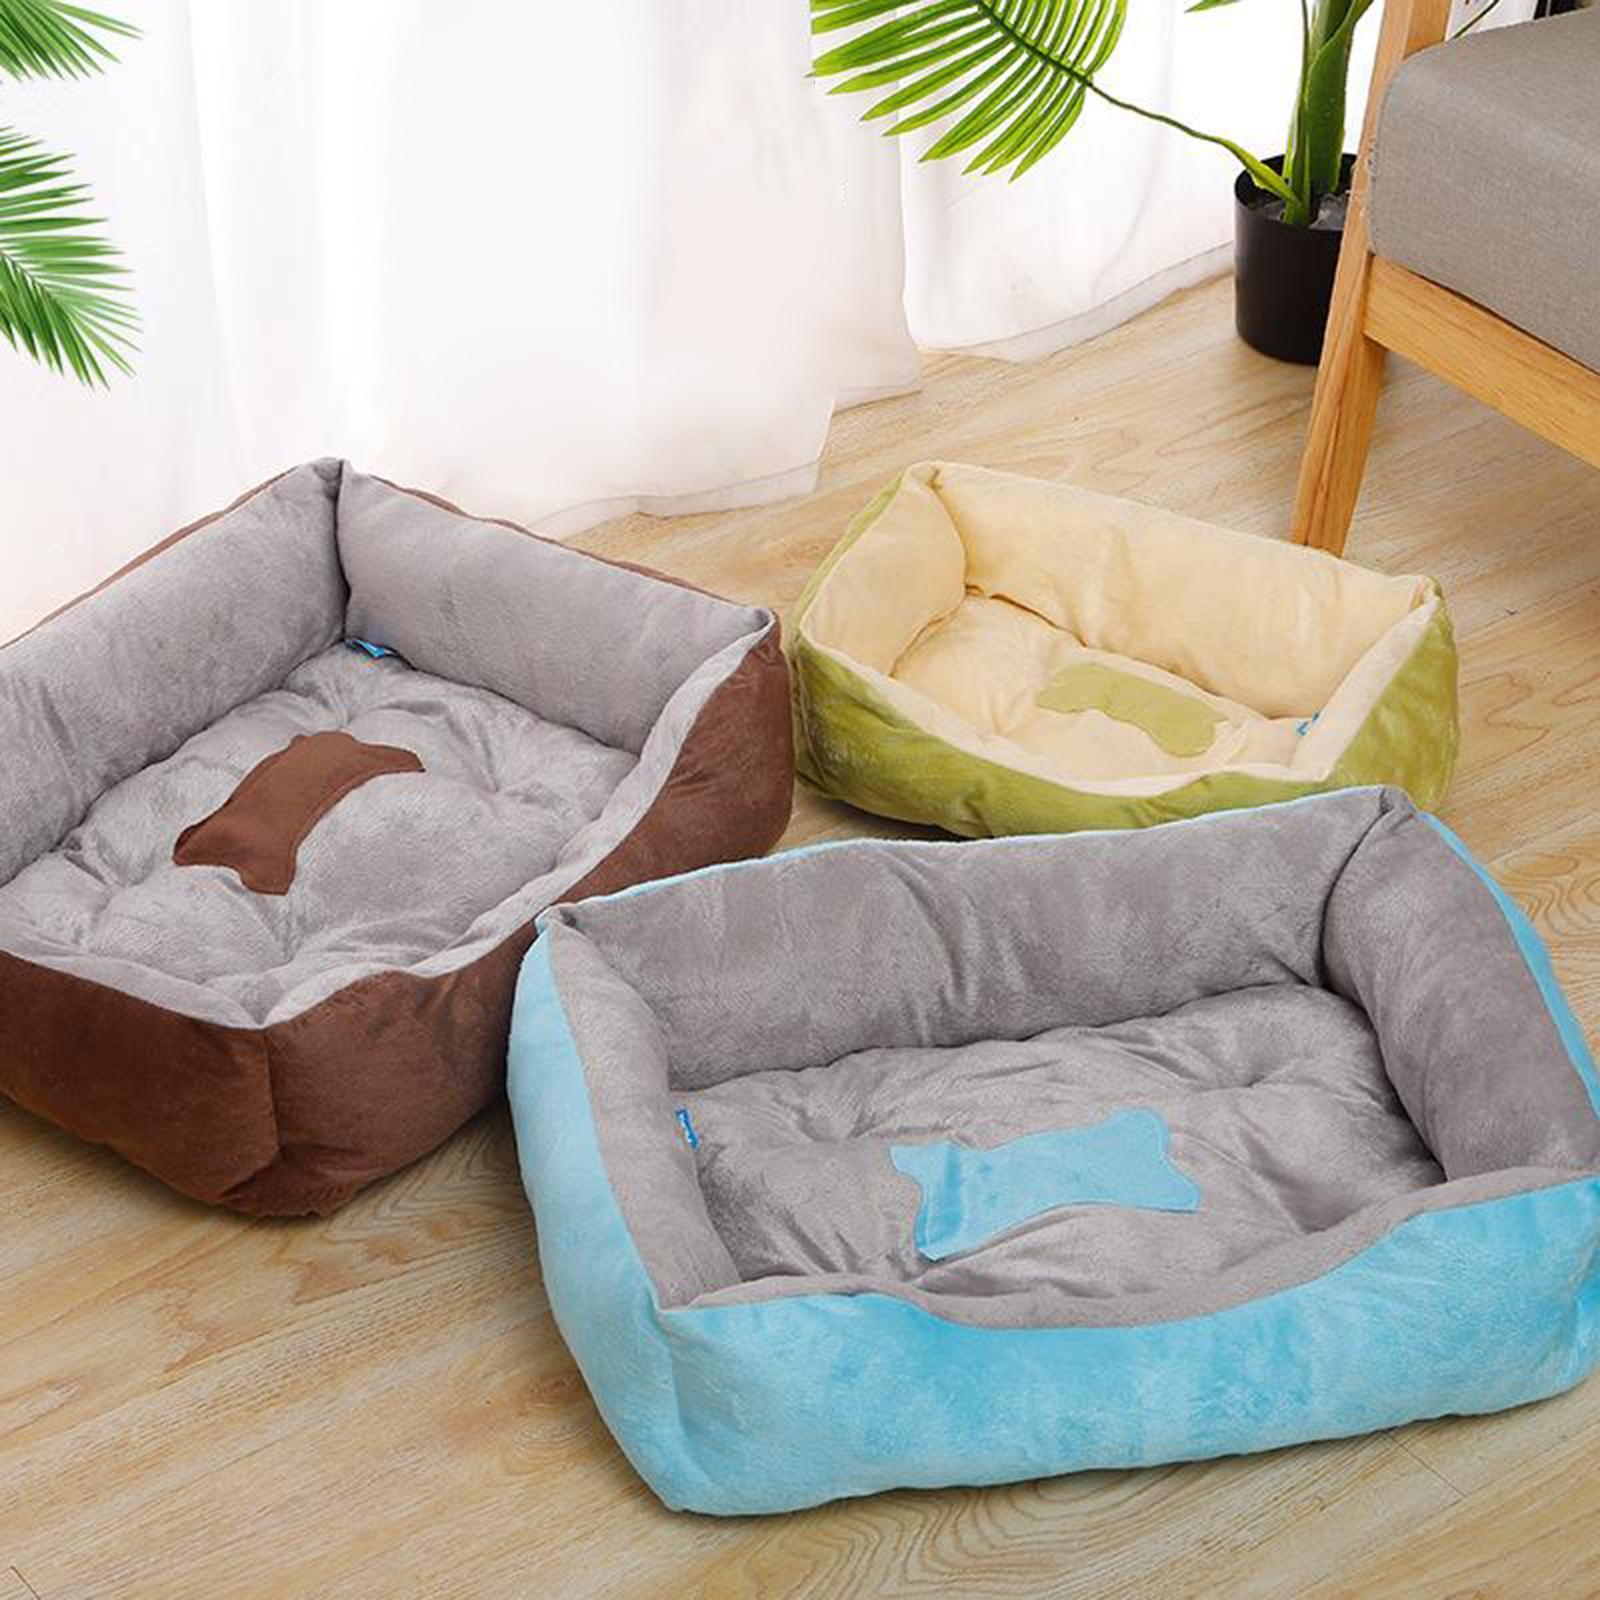 Indexbild 22 - Katze-Hund-Bett-Pet-Kissen-Betten-Haus-Schlaf-Soft-Warmen-Zwinger-Decke-Nest